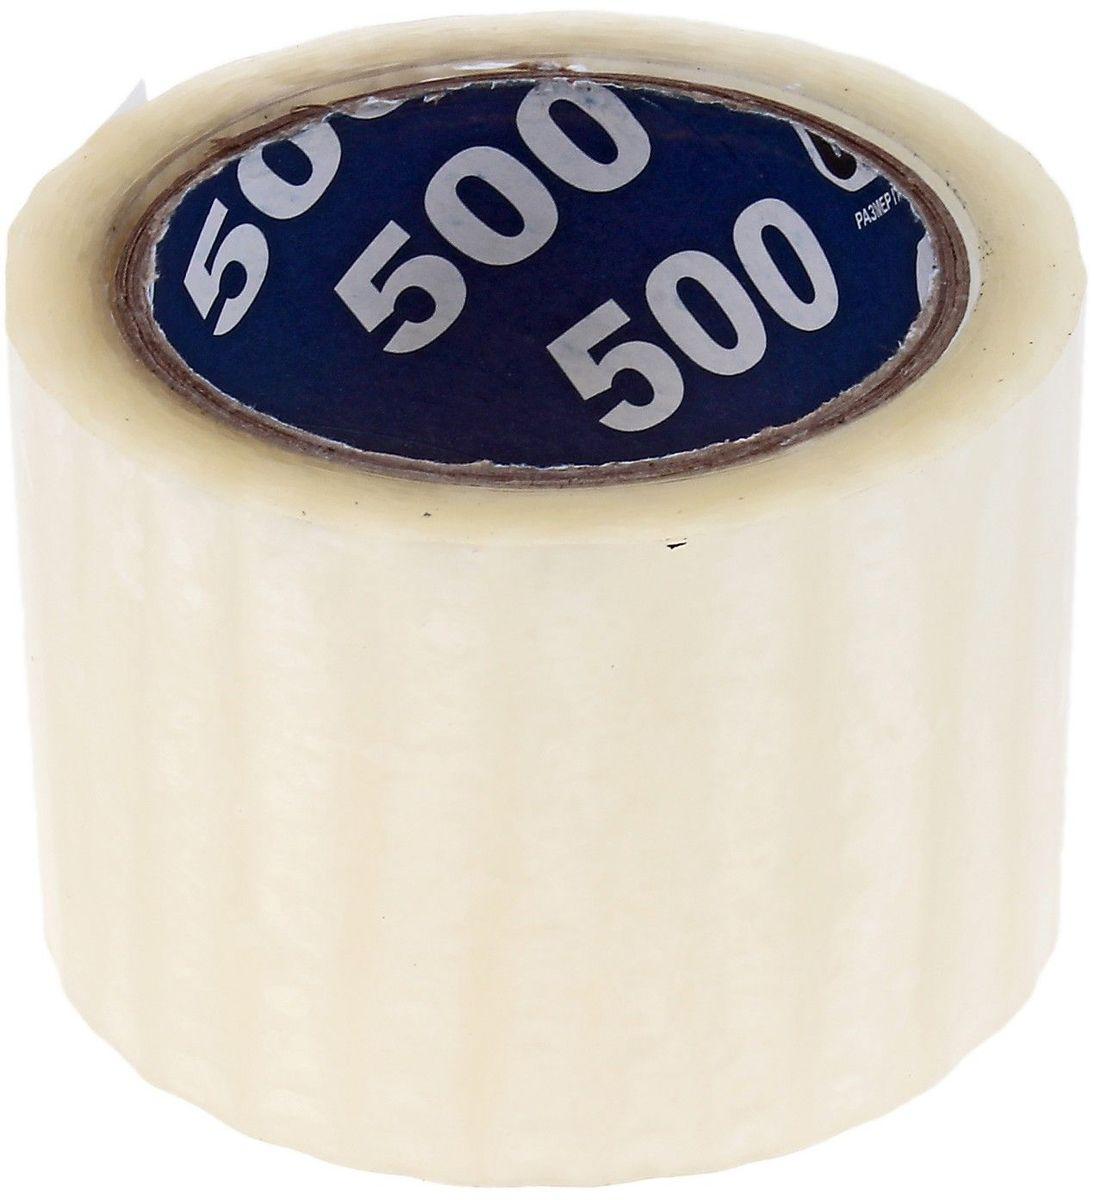 Клейкая лента 72 мм х 66 м цвет прозрачныйFS-00103Клейкая лента на полипропиленовой основе это водонепроницаемое изделие, которое способно противостоять широкому диапазону температур. Применяется в быту для упаковки: легких и тяжелых коробок, изготовленных из гофрокартона, строительных смесей, масложировой продукции и мороженого, канцелярских товаров, промышленных товаров. Клейкая лента поможет скрепить предметы в любой ситуации, например, если вы делаете ремонт или меняете место жительства и пакуете коробки.